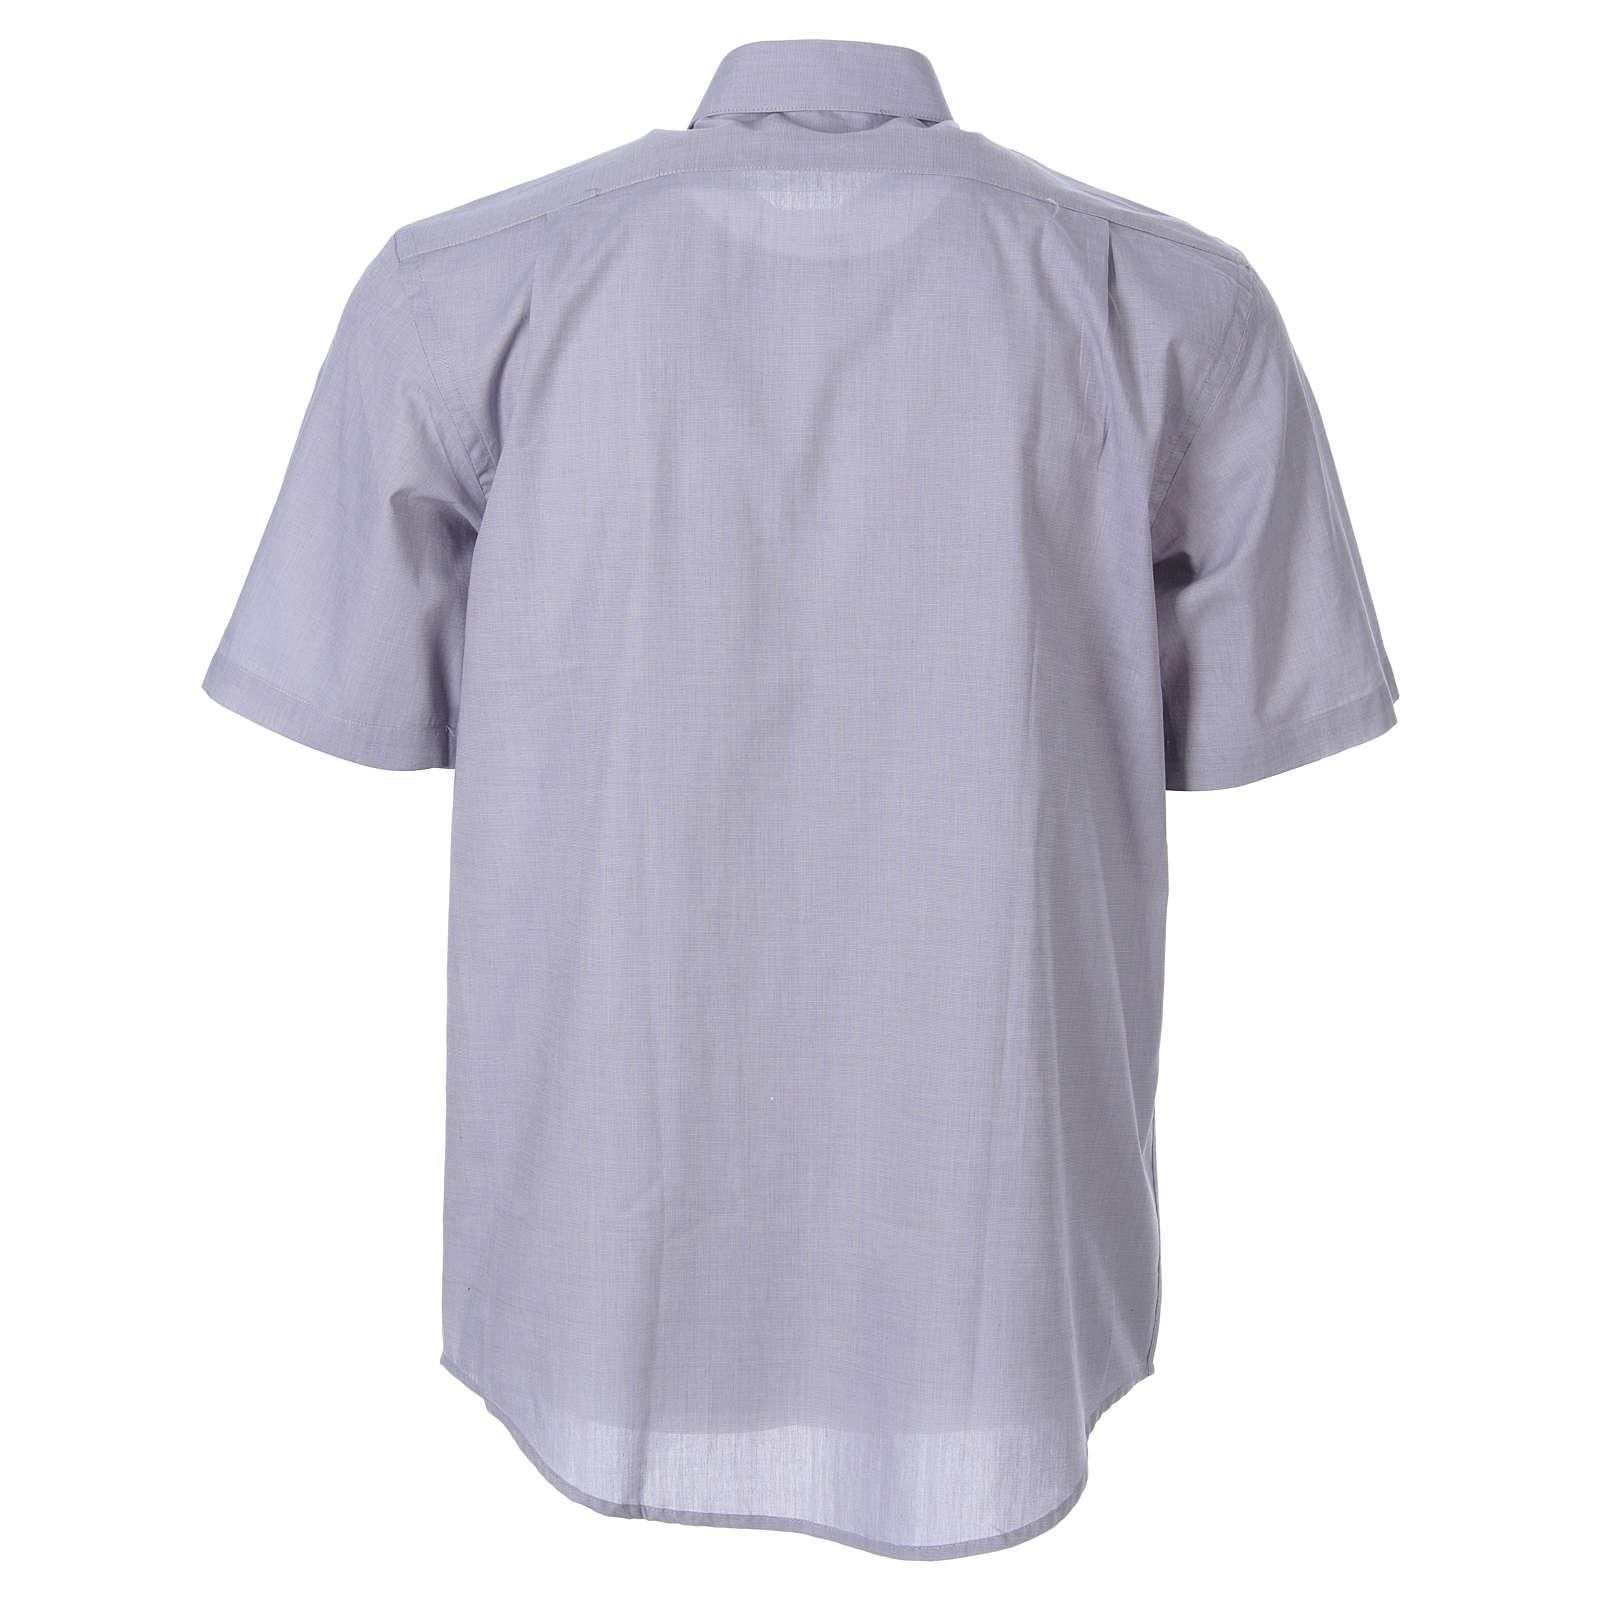 STOCK Camicia clergy manica corta filafil grigio chiaro 4